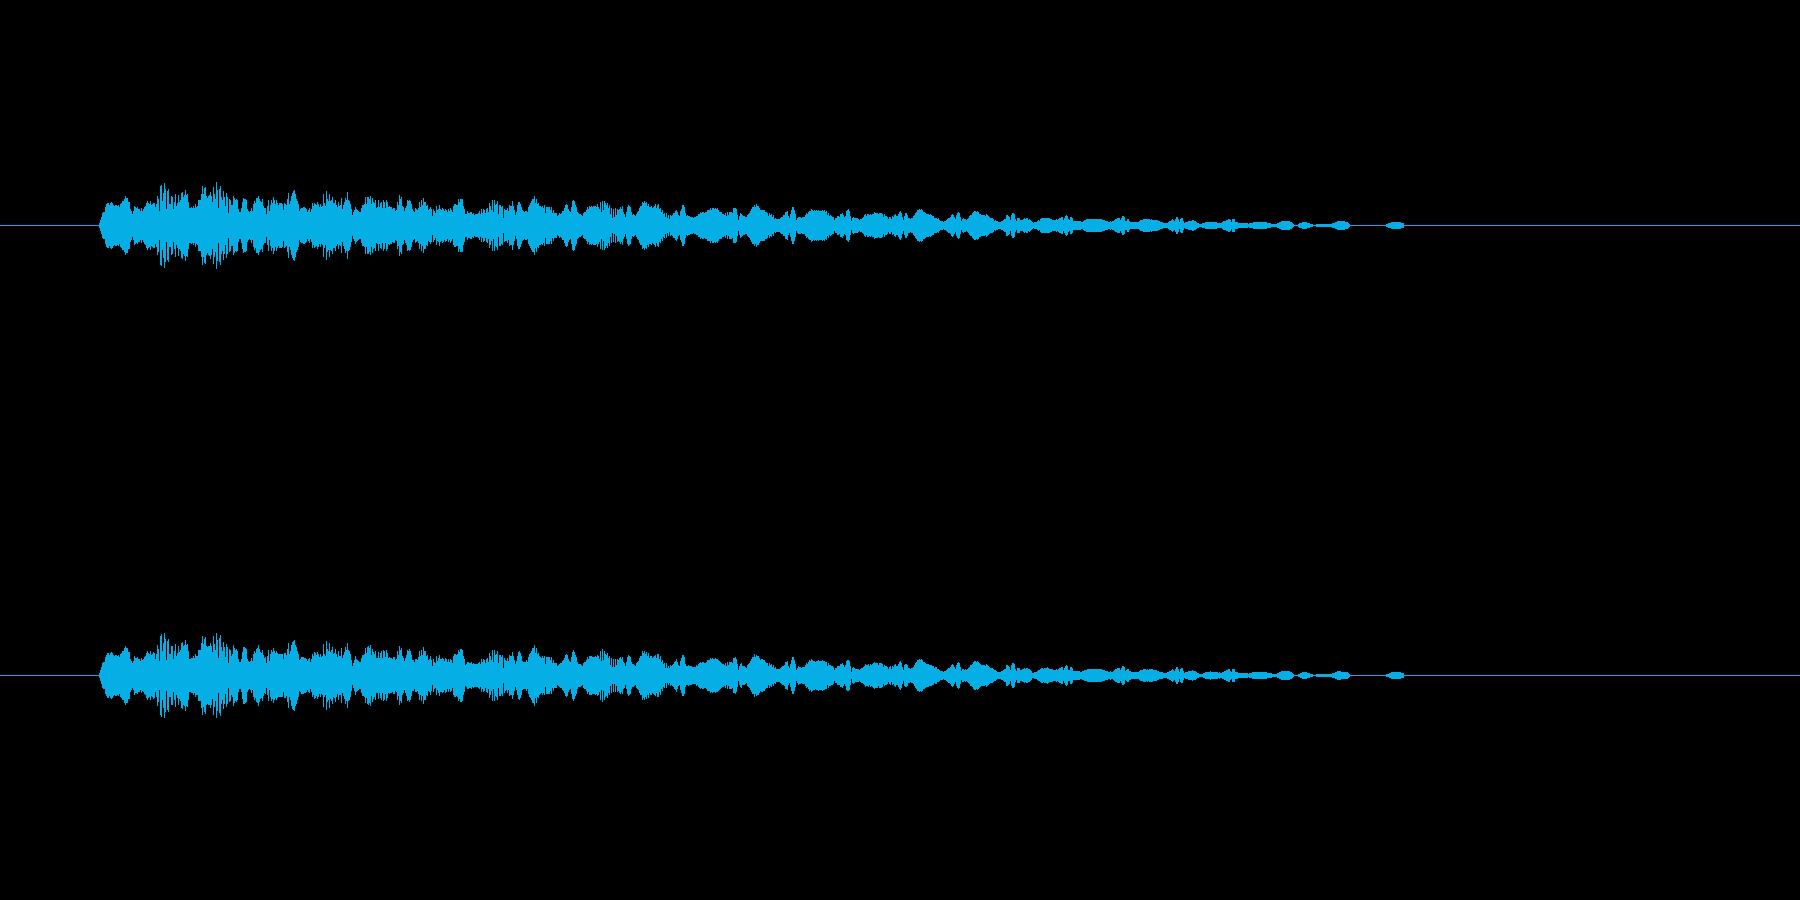 【ショートブリッジ30-4】の再生済みの波形